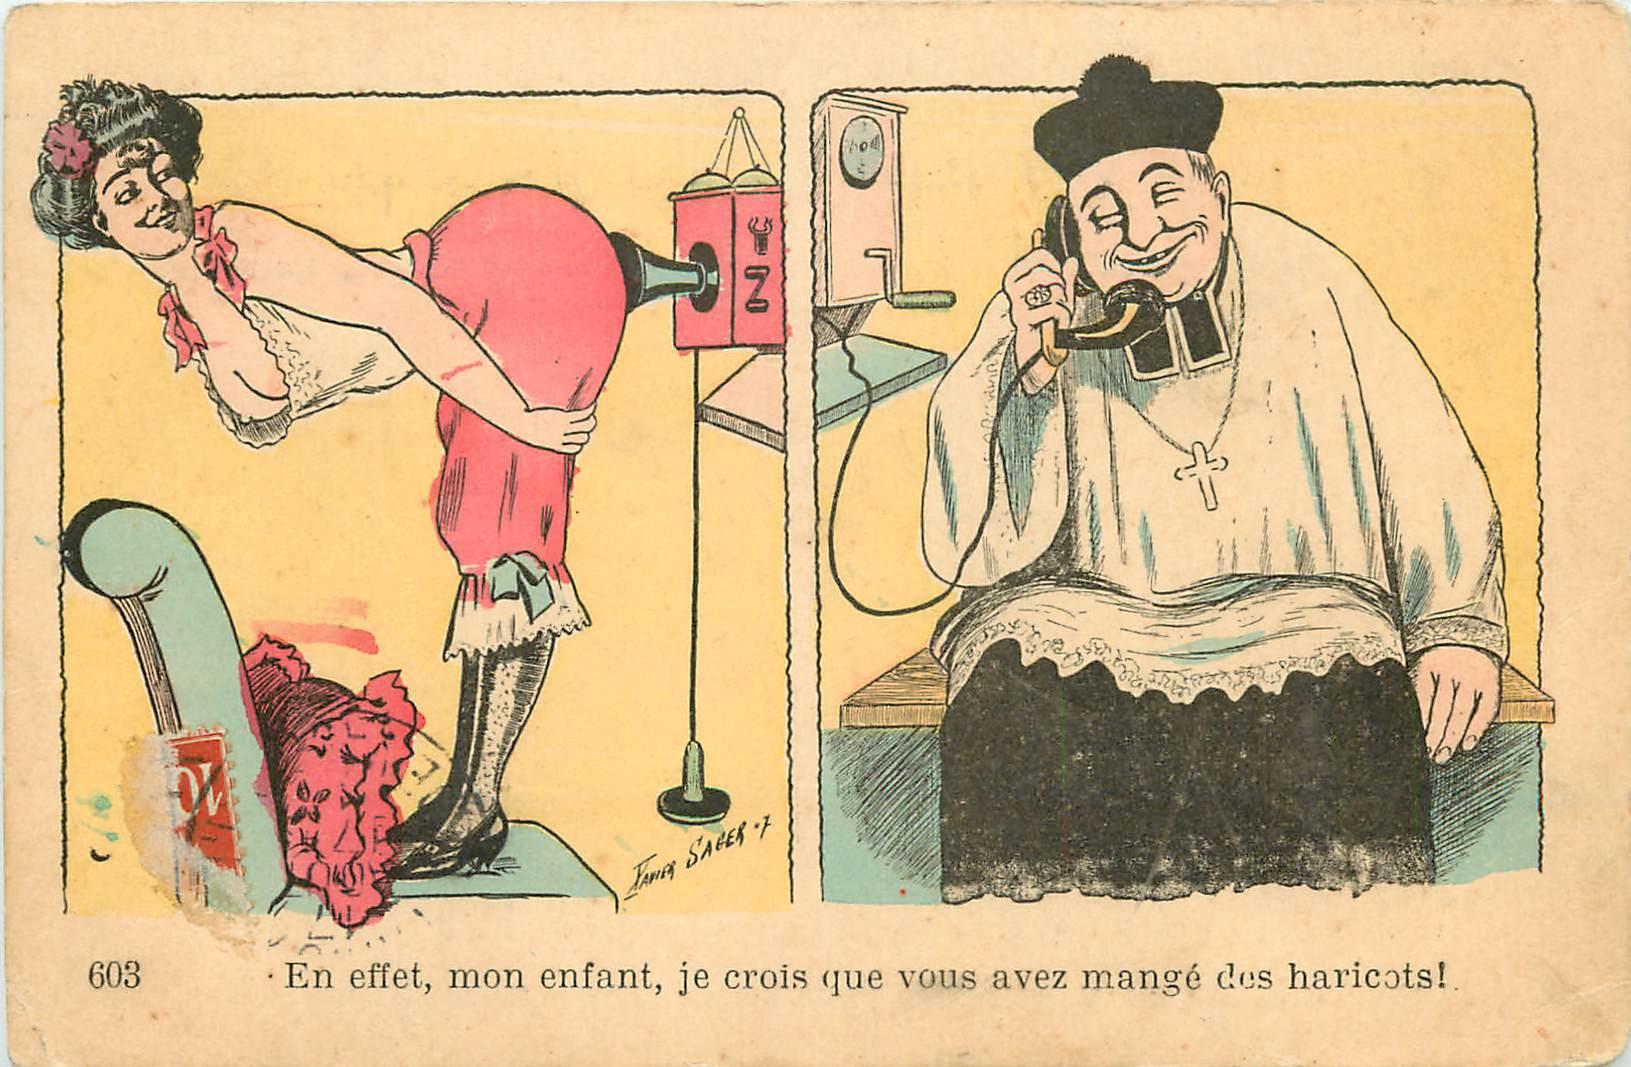 WW Illustrateur XAVIER SAGER. Humour le téléphone avec Curé et jeune femme Coquine